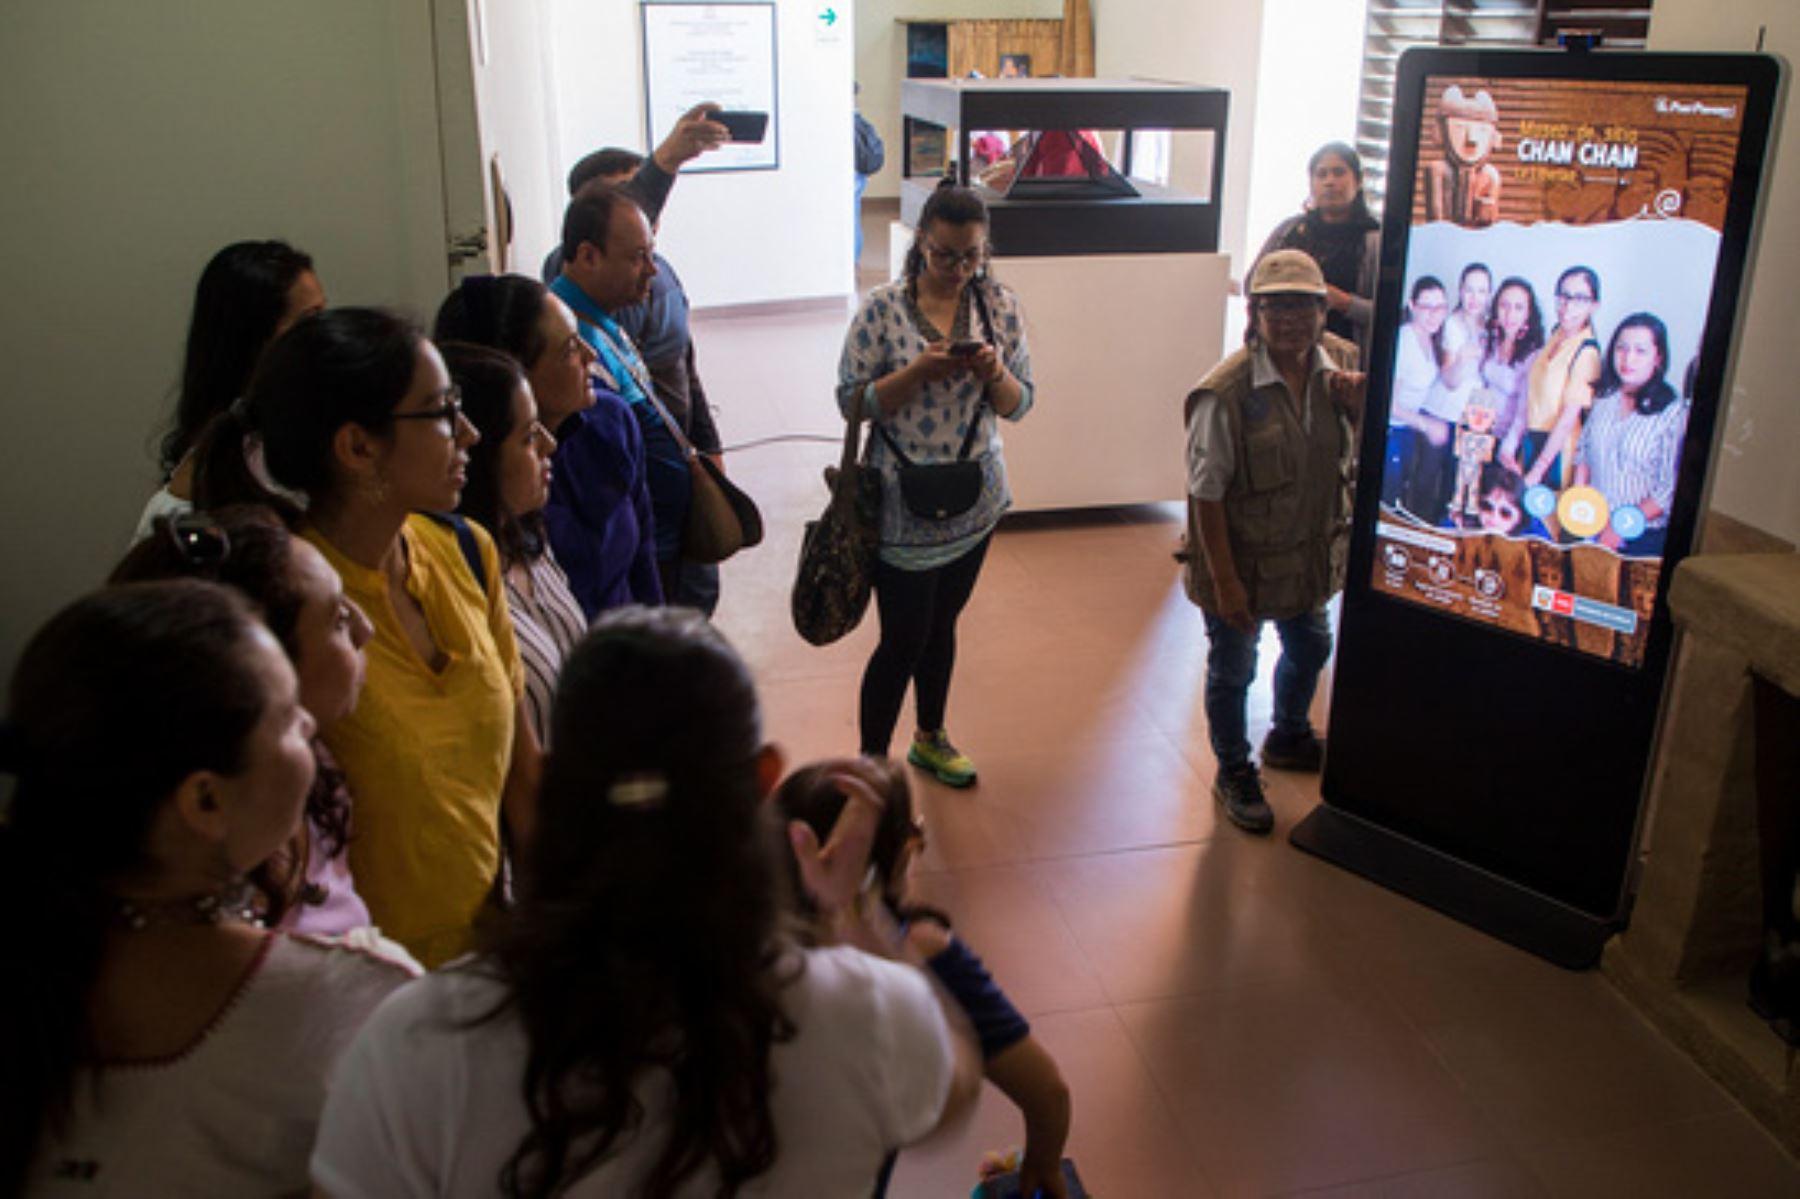 El Tótem Chan Chan permite tener un recuerdo de la visita y una nueva experiencia en el Museo de Sitio Chan Chan, región La Libertad.